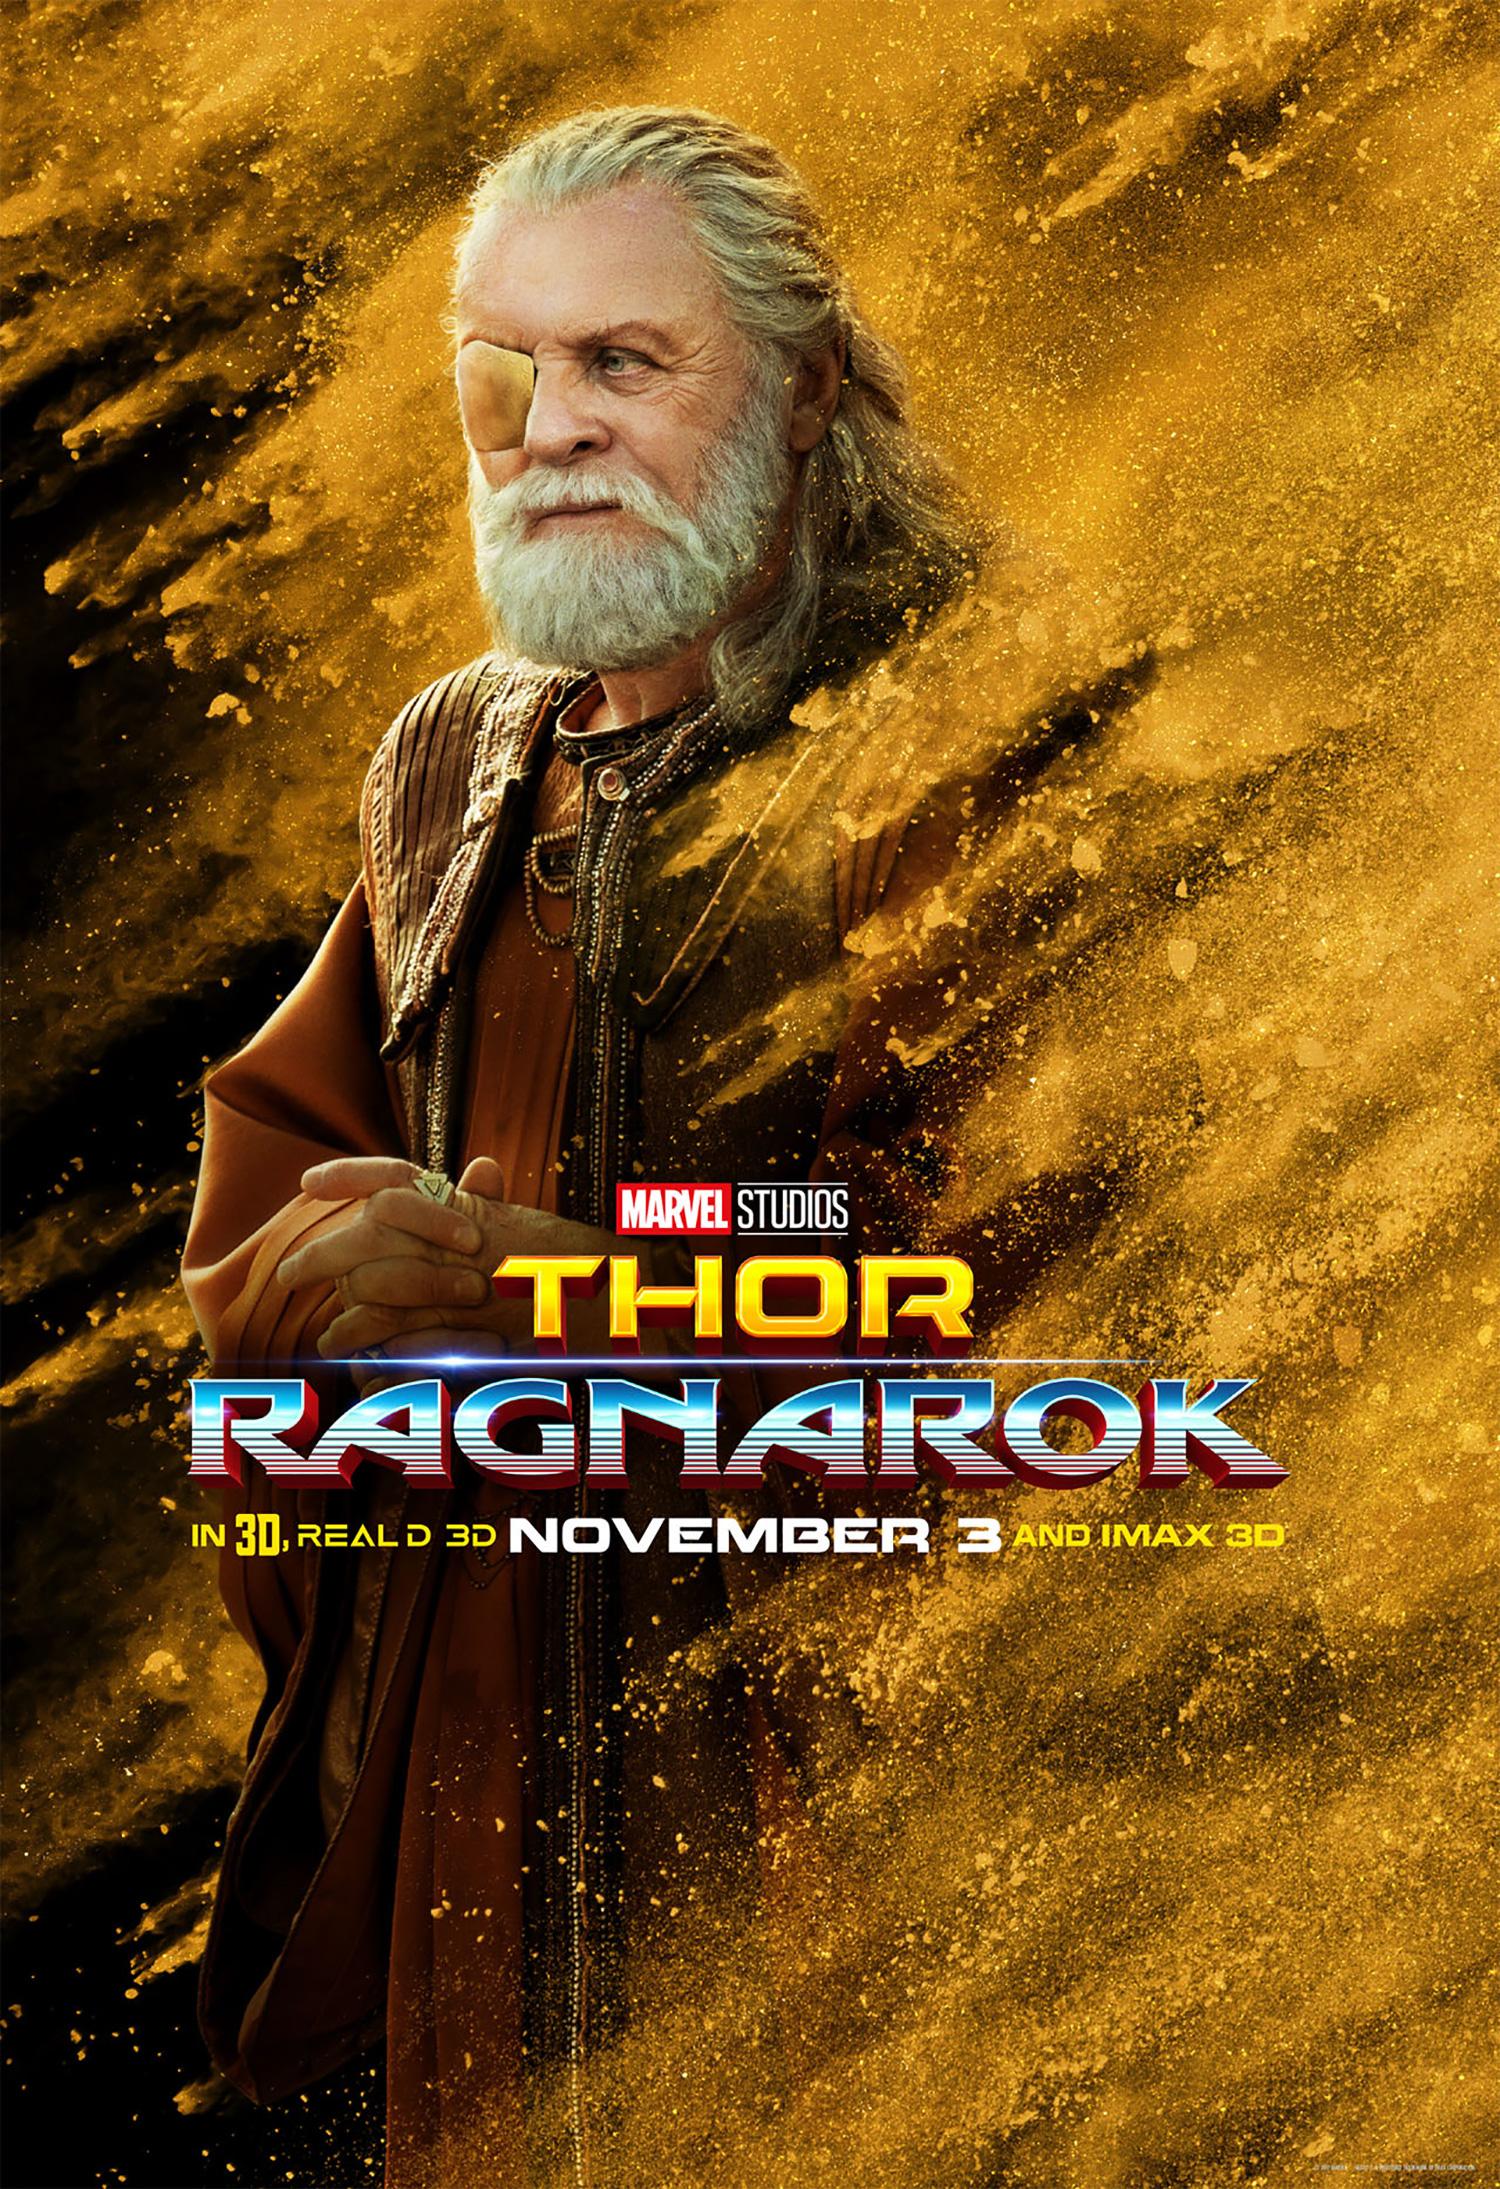 Thor: Ragnarok - Character Poster - Odin